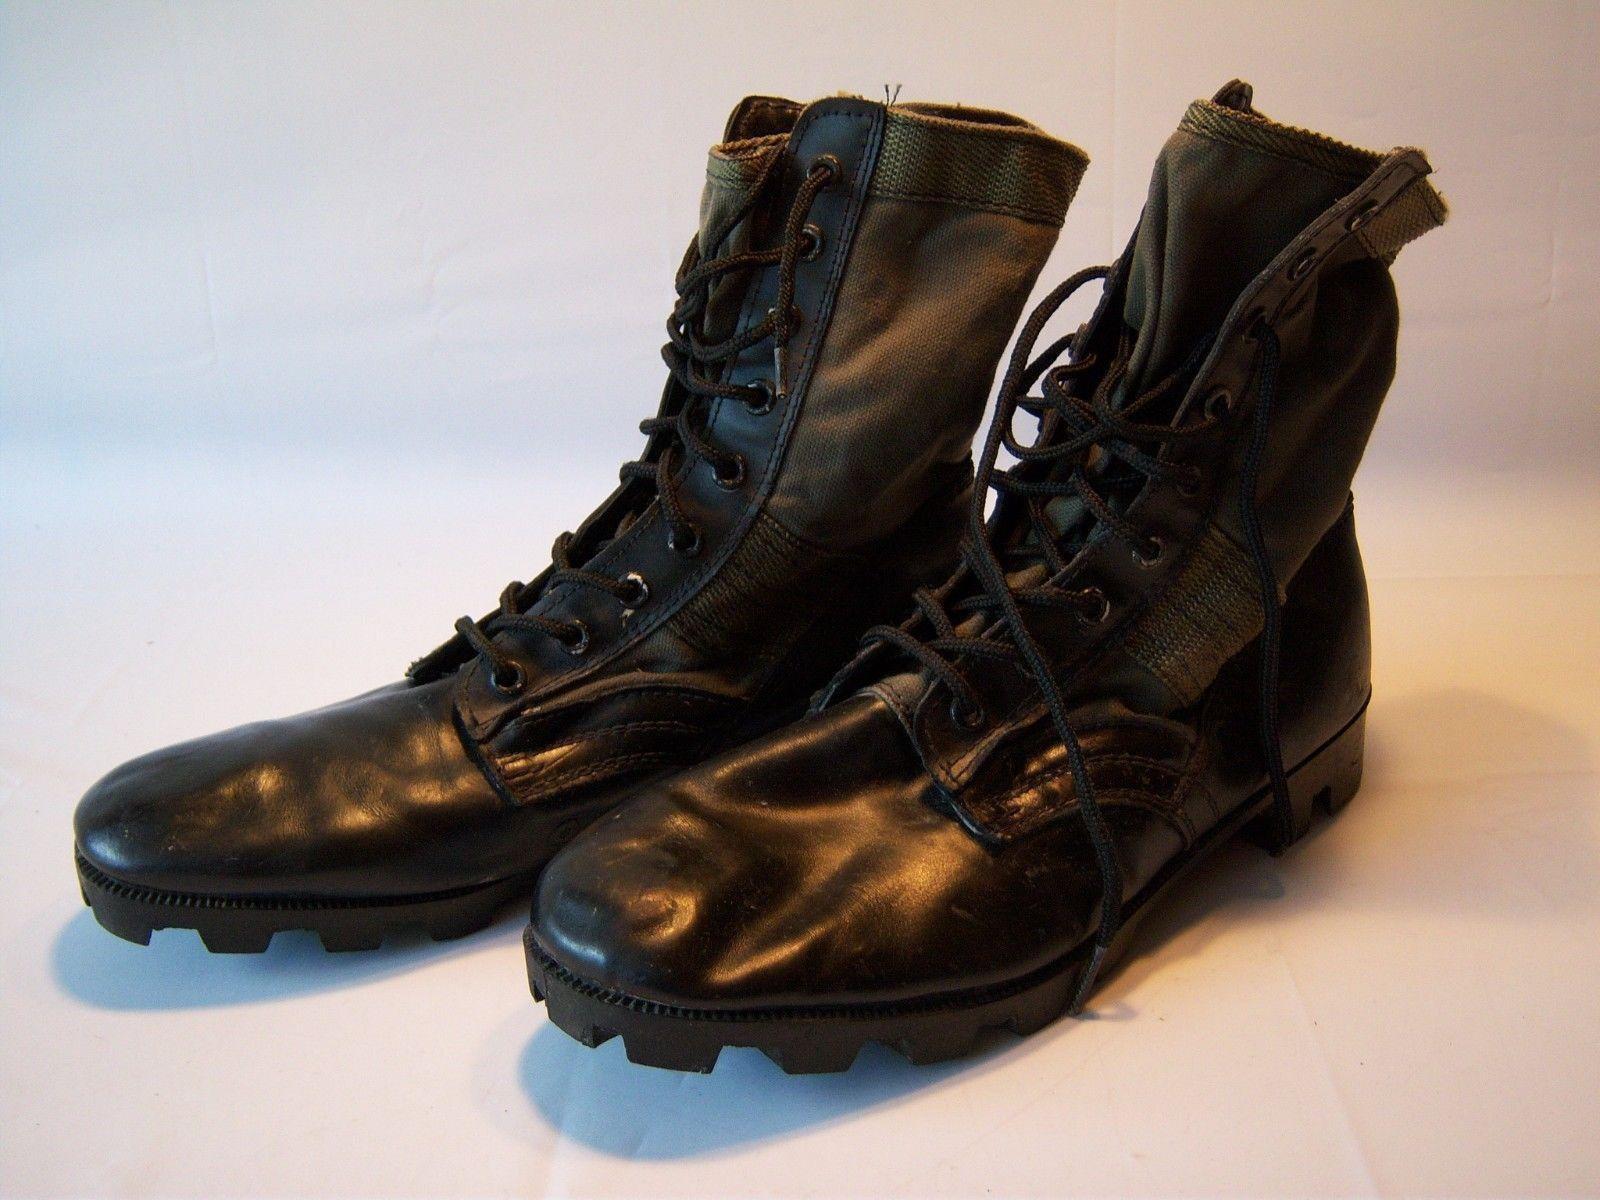 sconti e altro Vintage Leather Military Military Military Combat stivali Uomo Dimensione 13  per il tuo stile di gioco ai prezzi più bassi